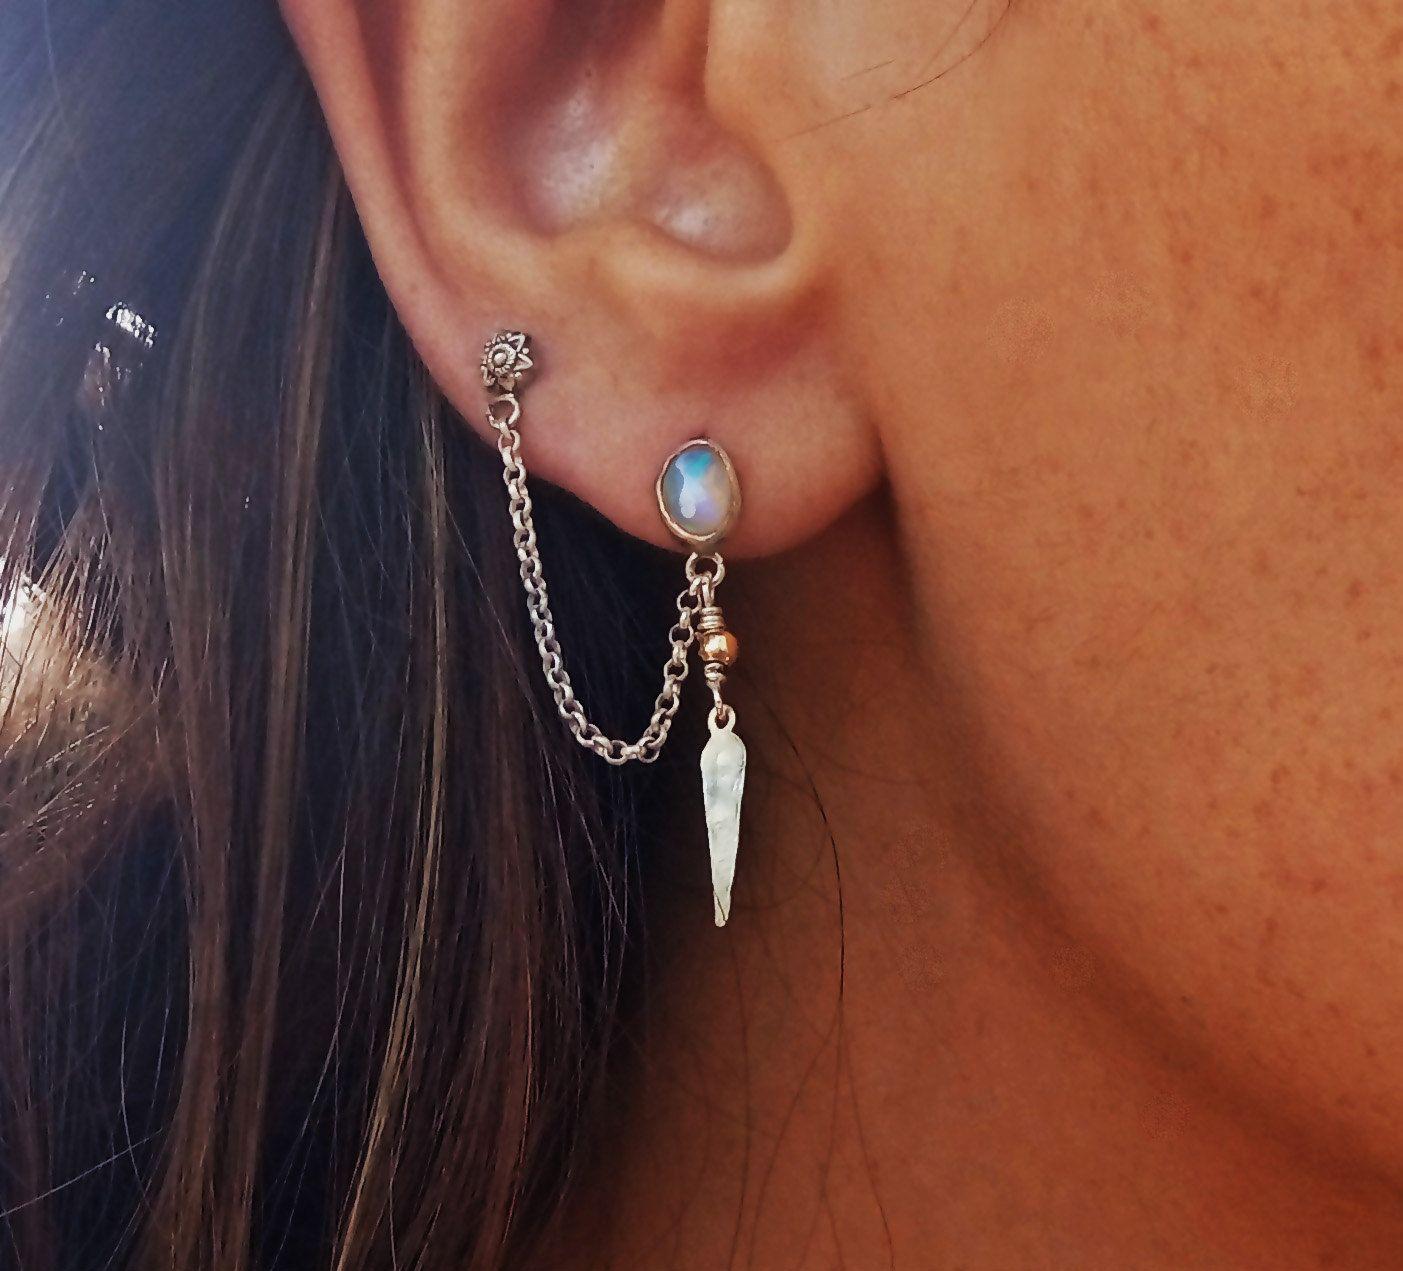 Ethiopian Opal Double Piercing Earring Sterling Silver 925 Ethnic Jewelry Two Hole Earrings Chain Handmade Cartilage By Avitalkatzart